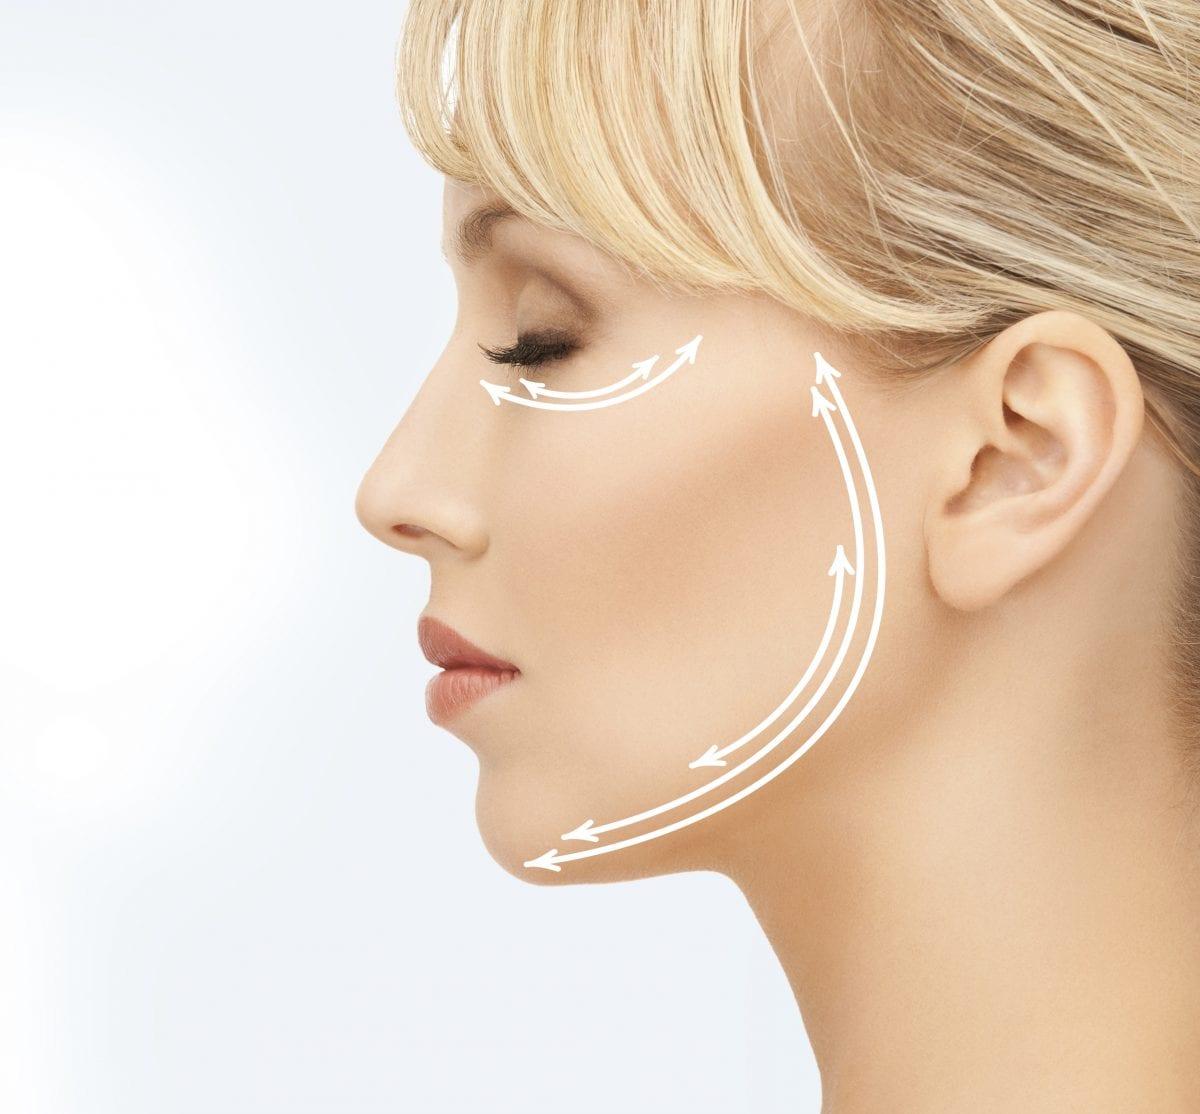 Jak wyszczuplić twarz? Medycyna estetyczna zna na to sztuczki